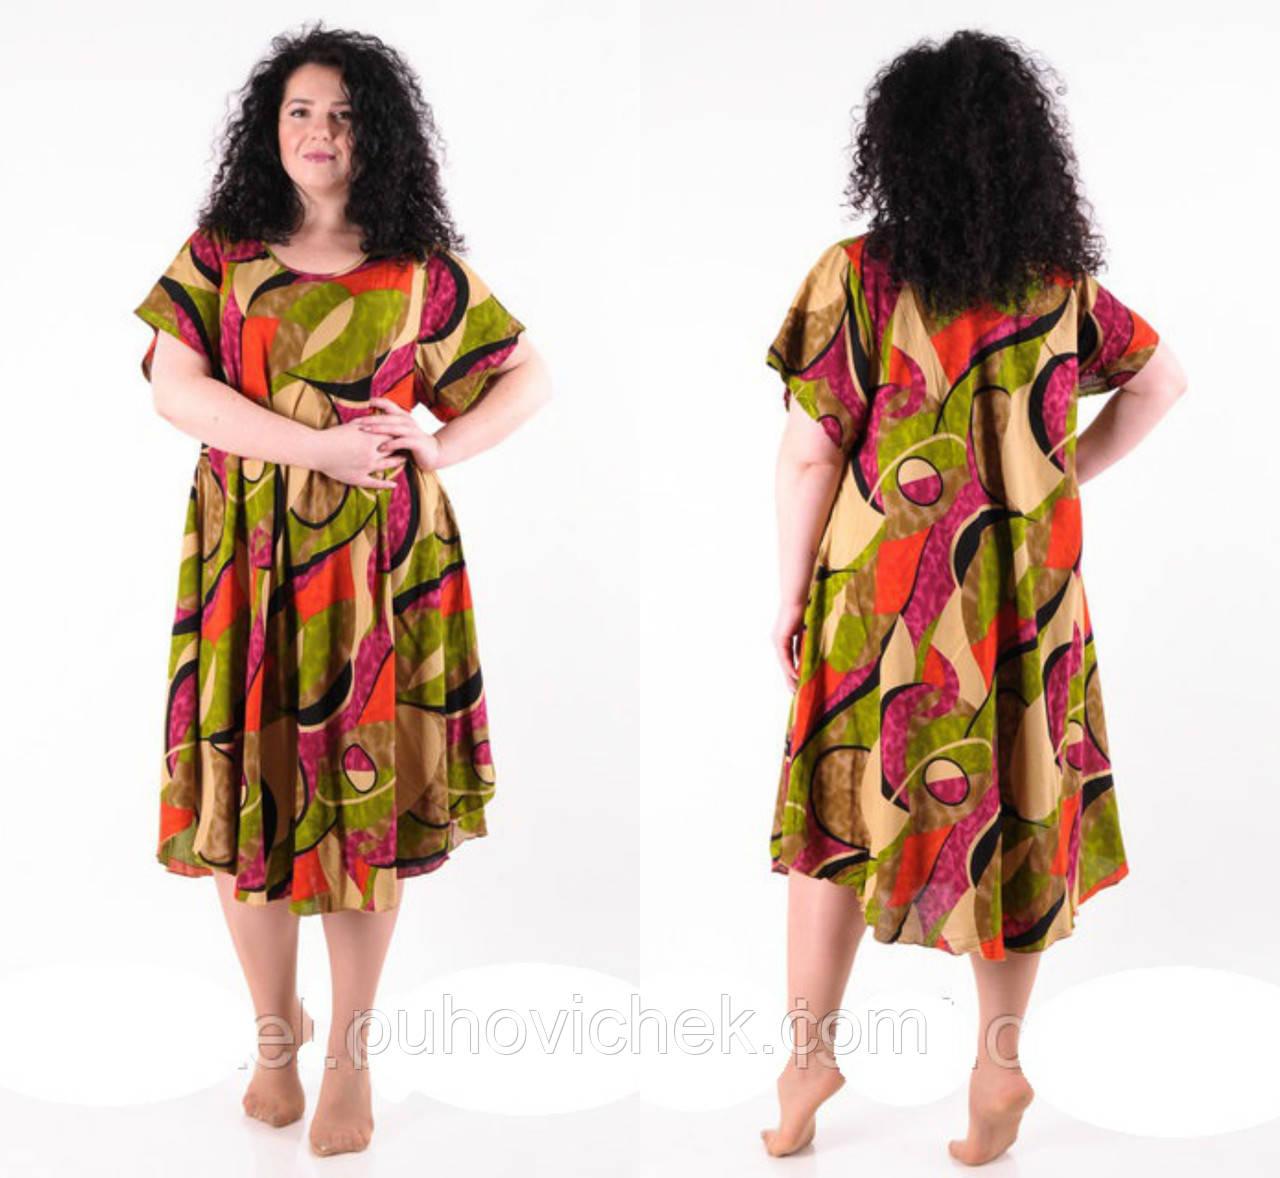 acb2f6511d4603a Летнее женское платье купить недорого Украина - Интернет магазин Линия  одежды в Харькове